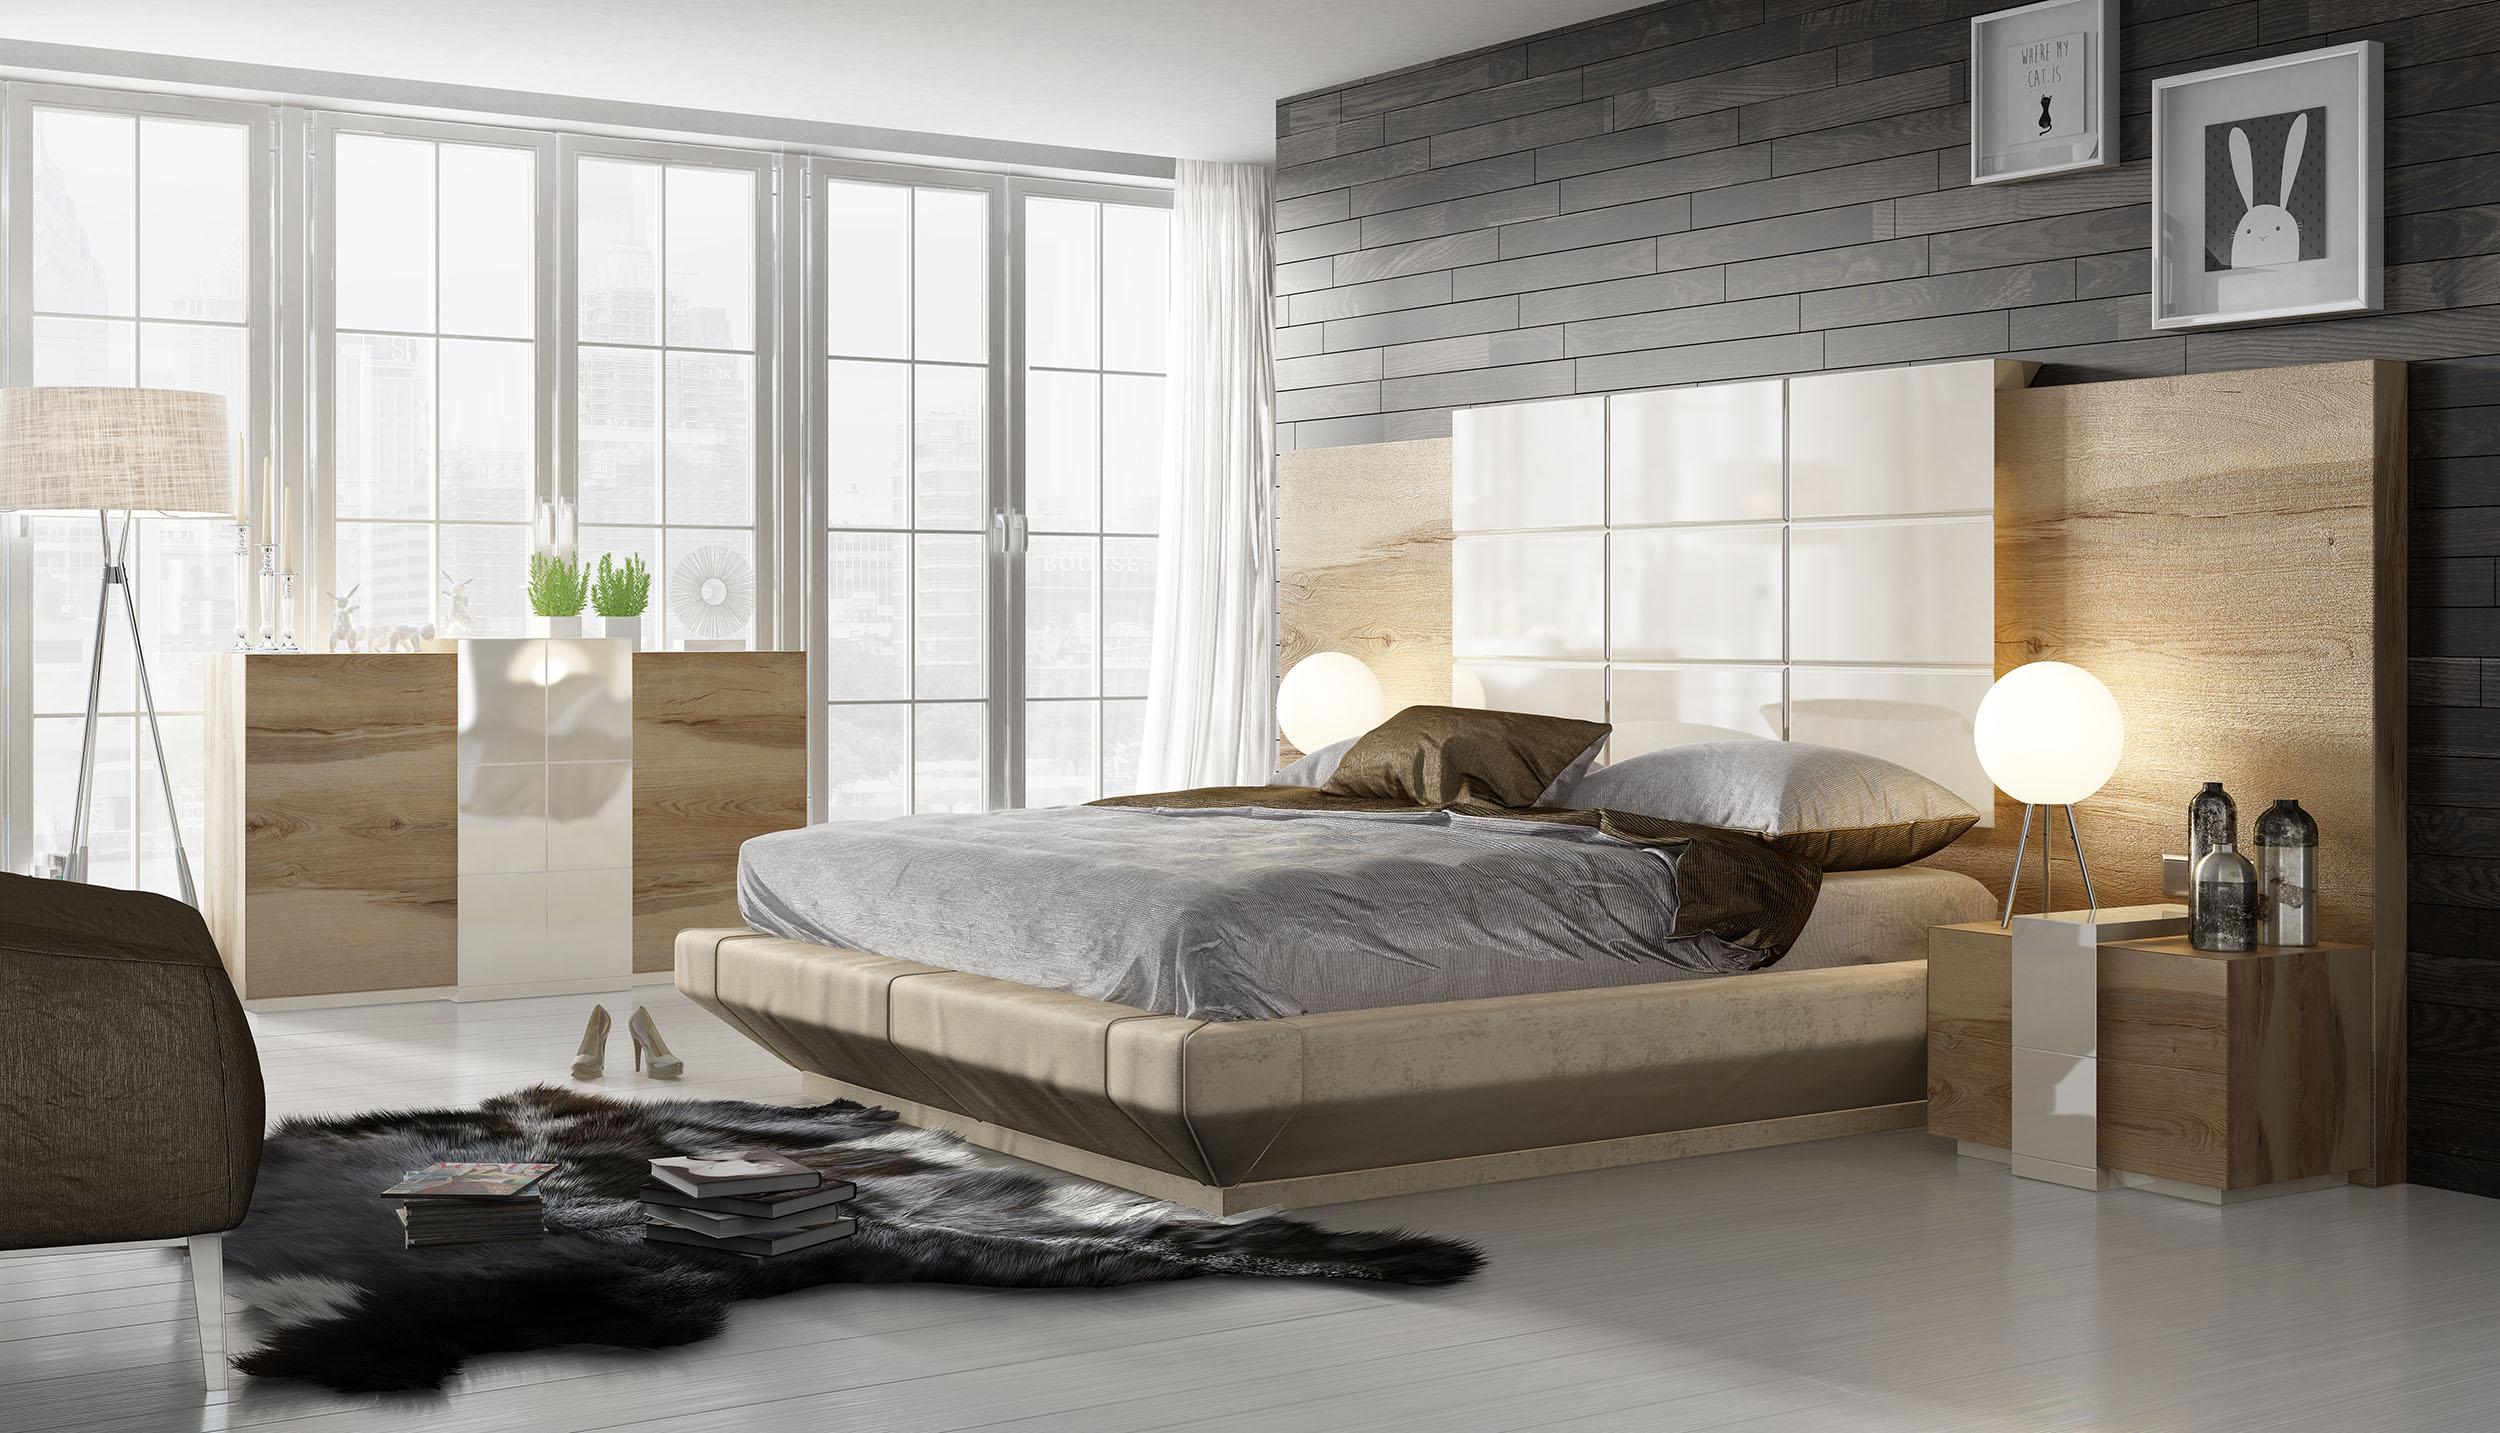 Dormitorios_Contempóraneos_(26)